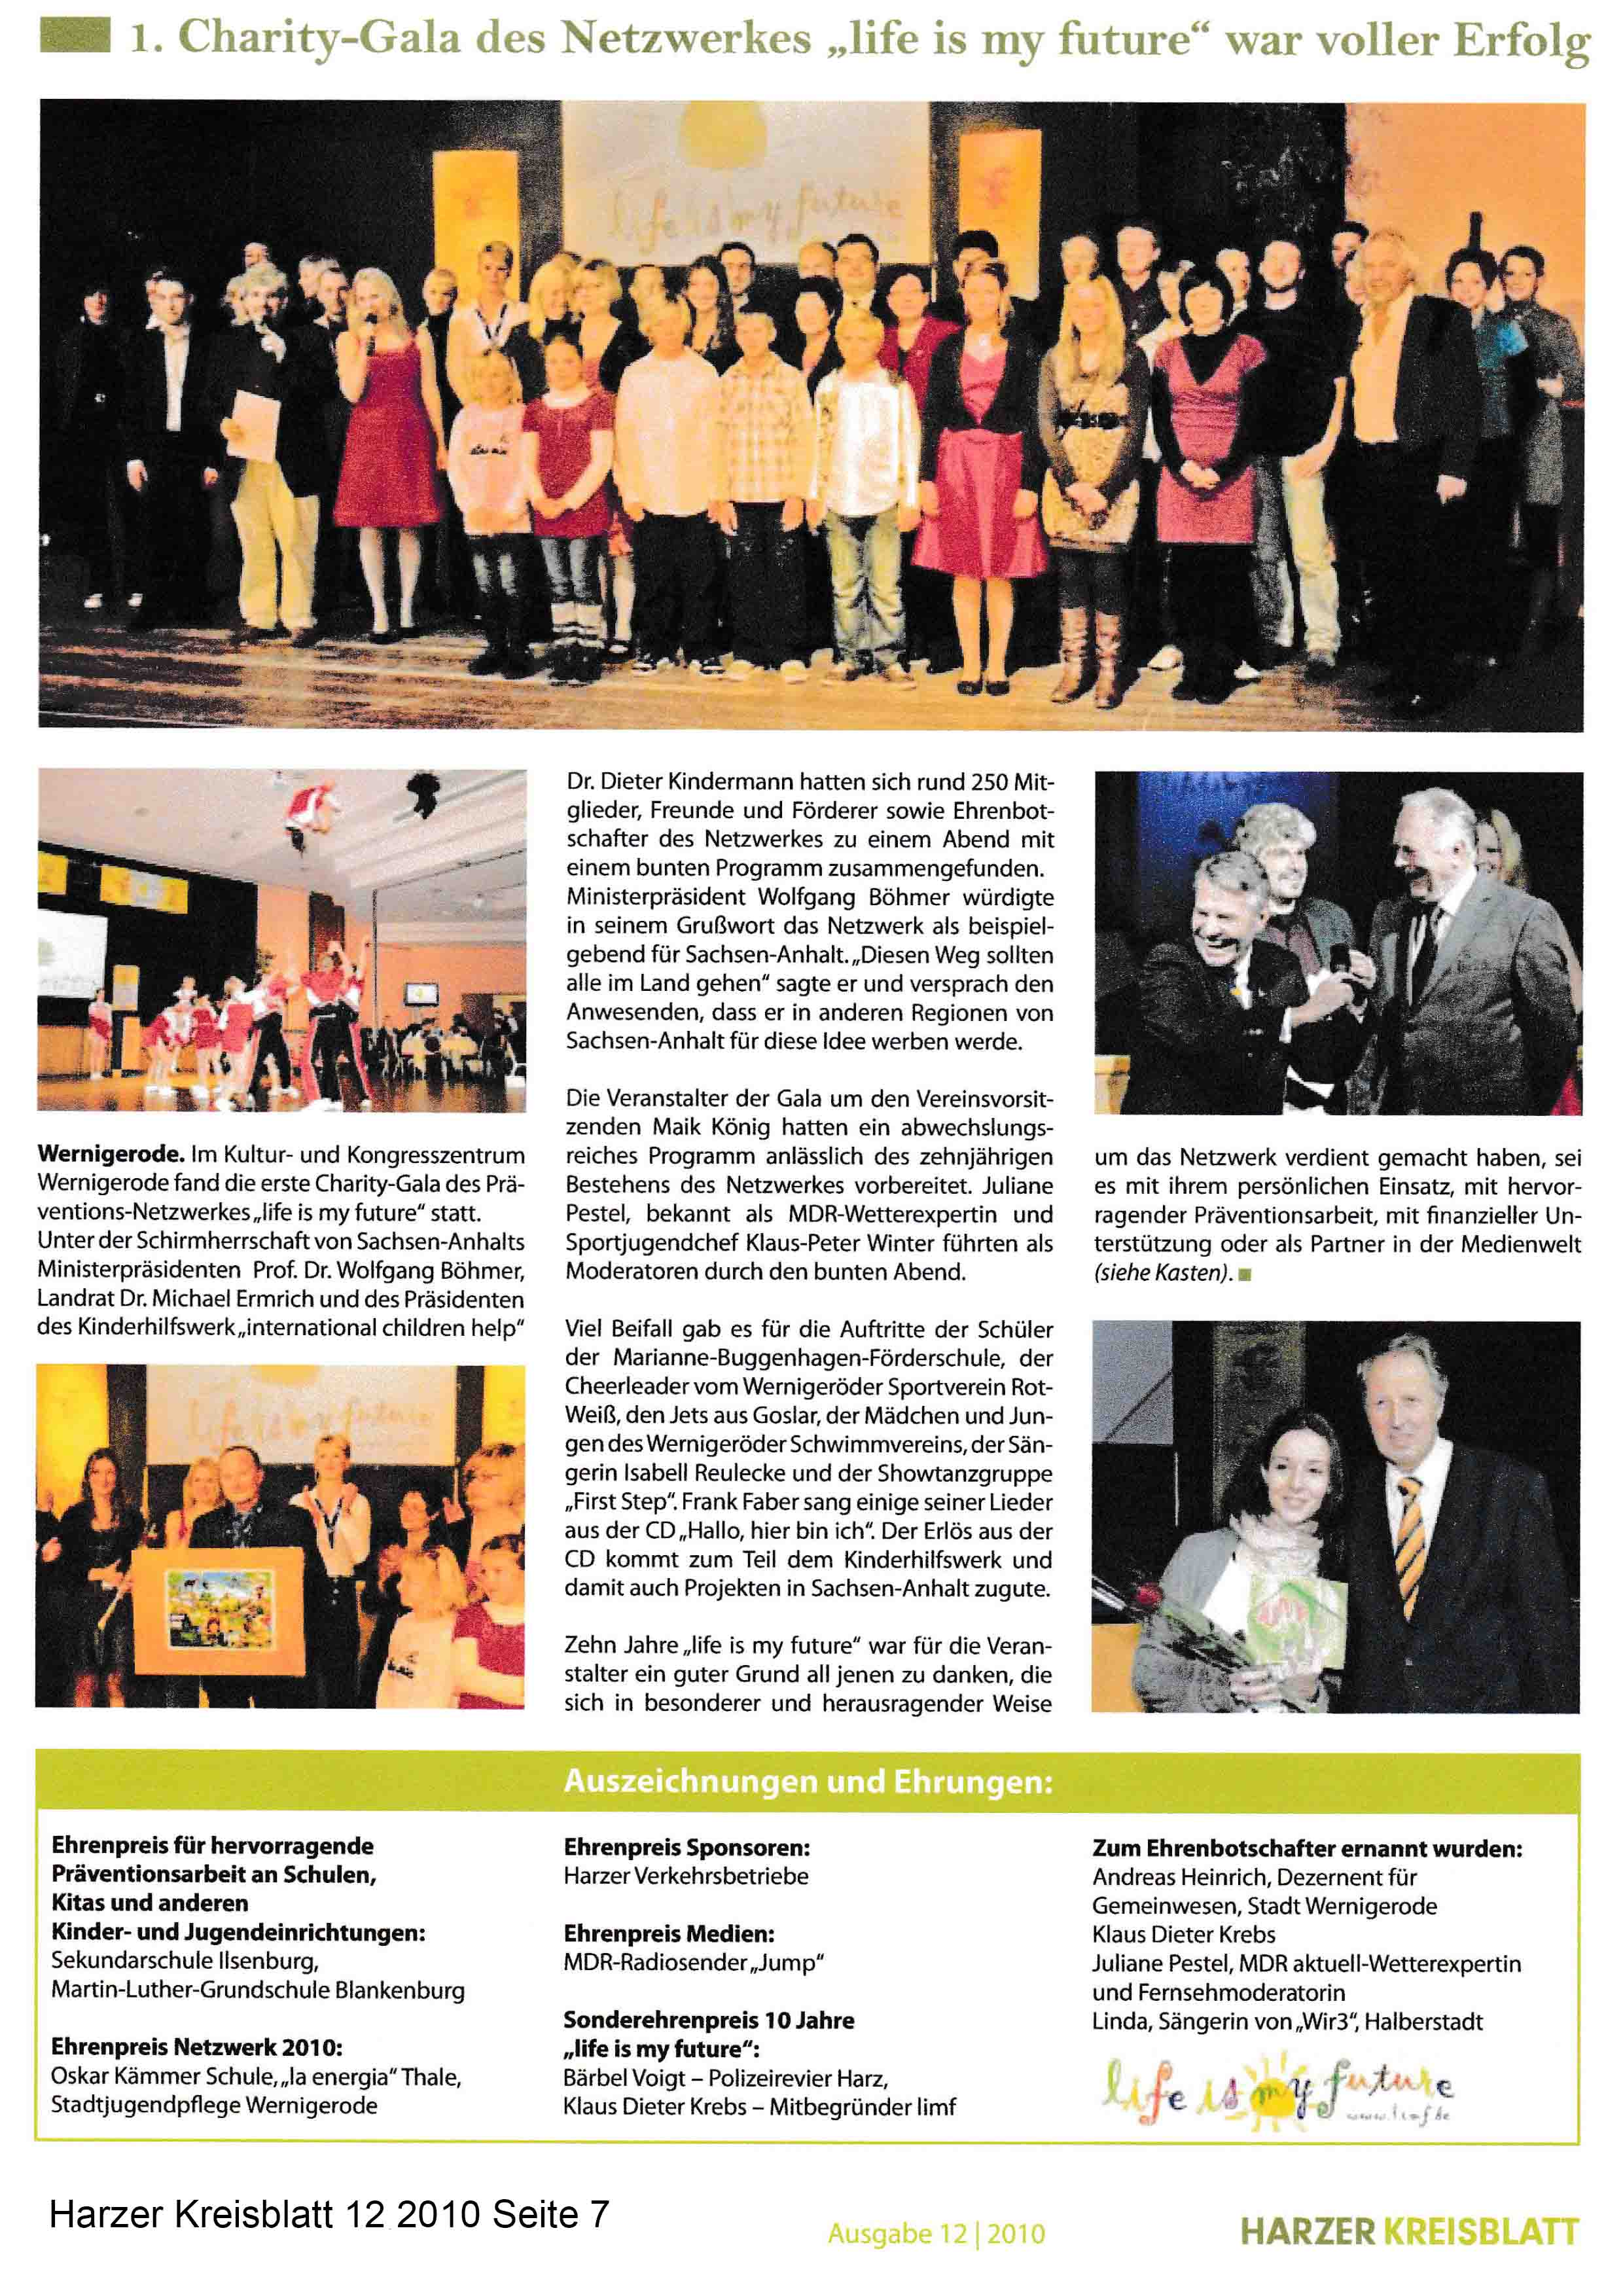 Harzer Kreisblatt 12 2010 Seite 7